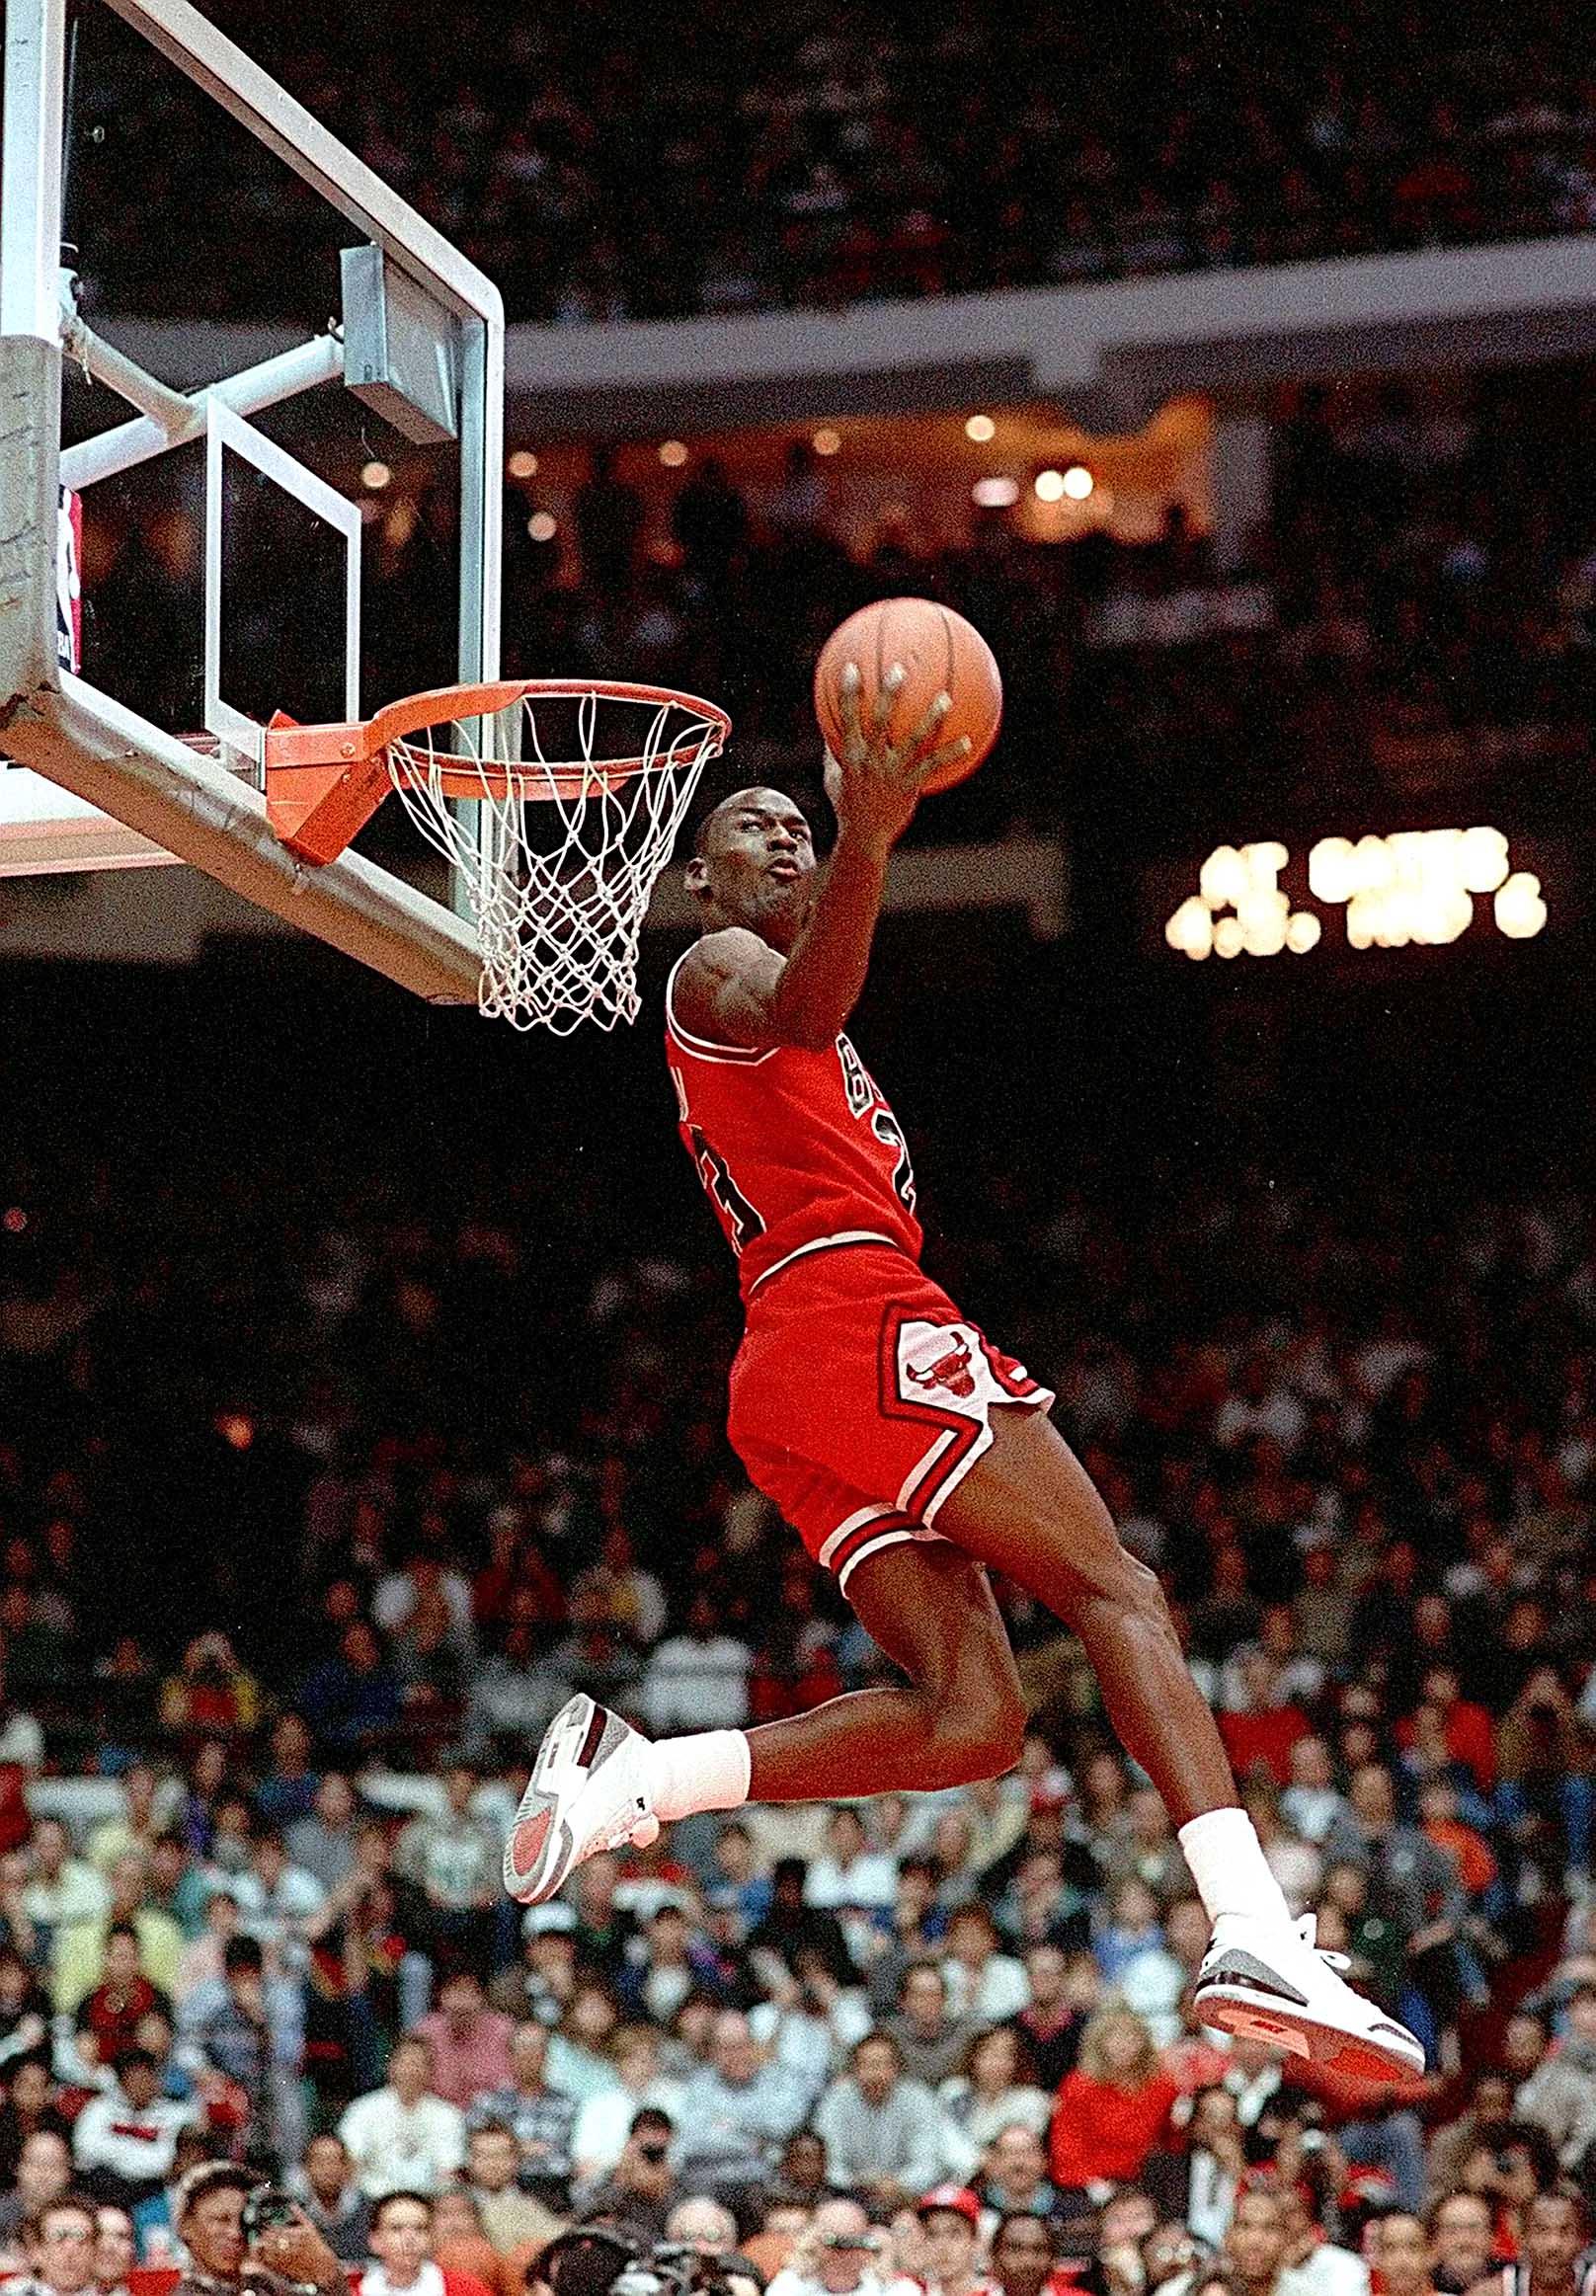 Michael Jordan Dunk Canvas Tablo (Nba-canvas-jordandunk3)